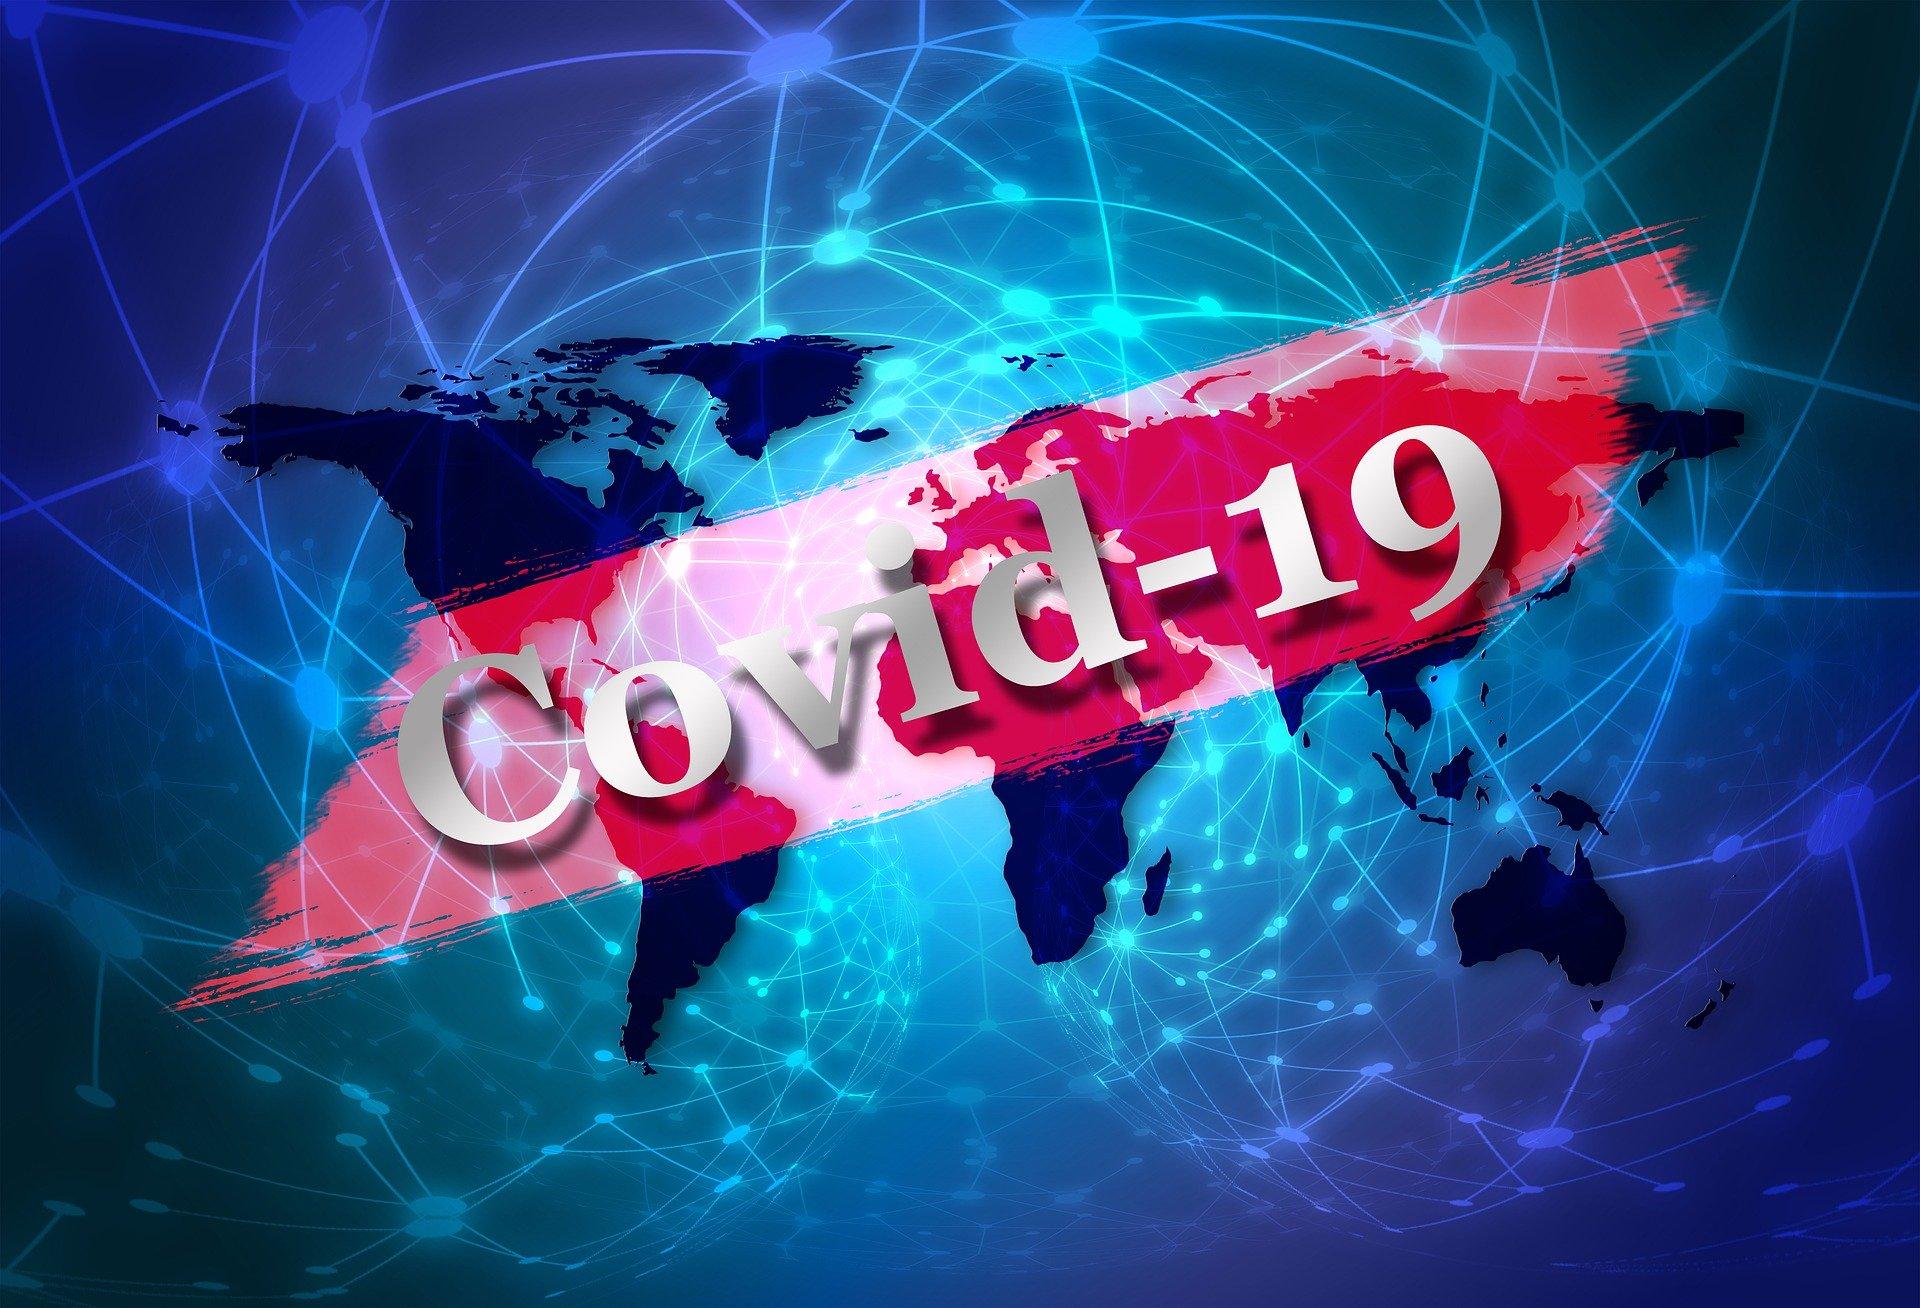 Cierre obligatorio decretado para contener COVID-19.